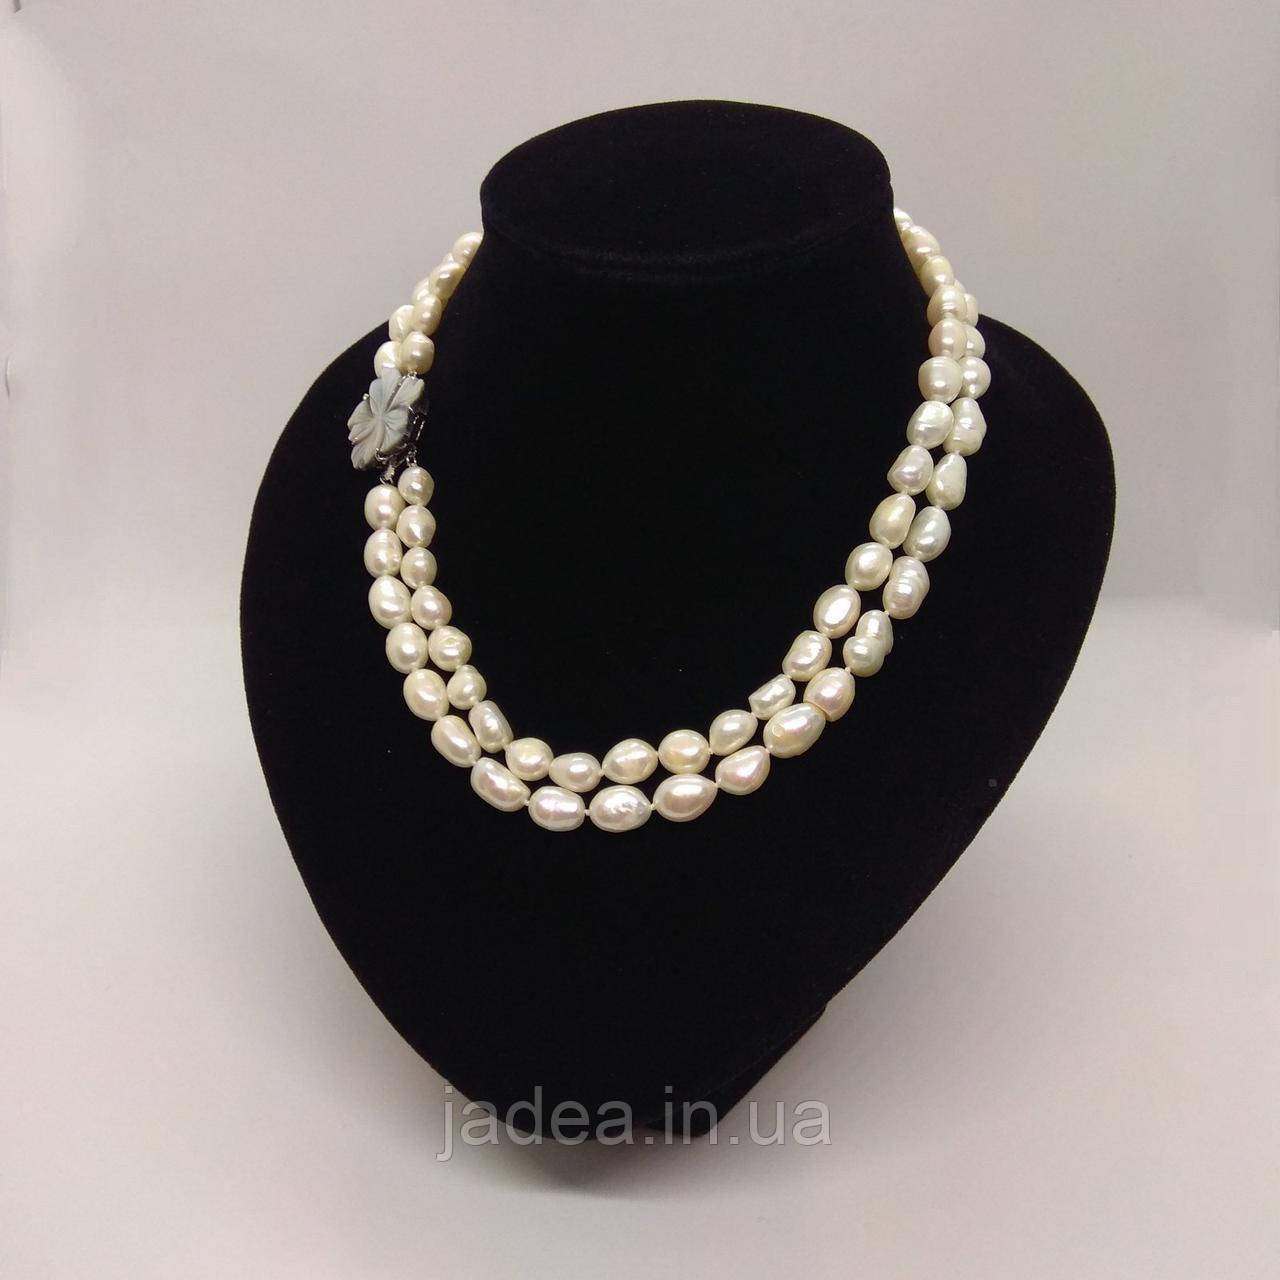 Намисто з перлів білого кольору L=120 см Ø=5-6 мм